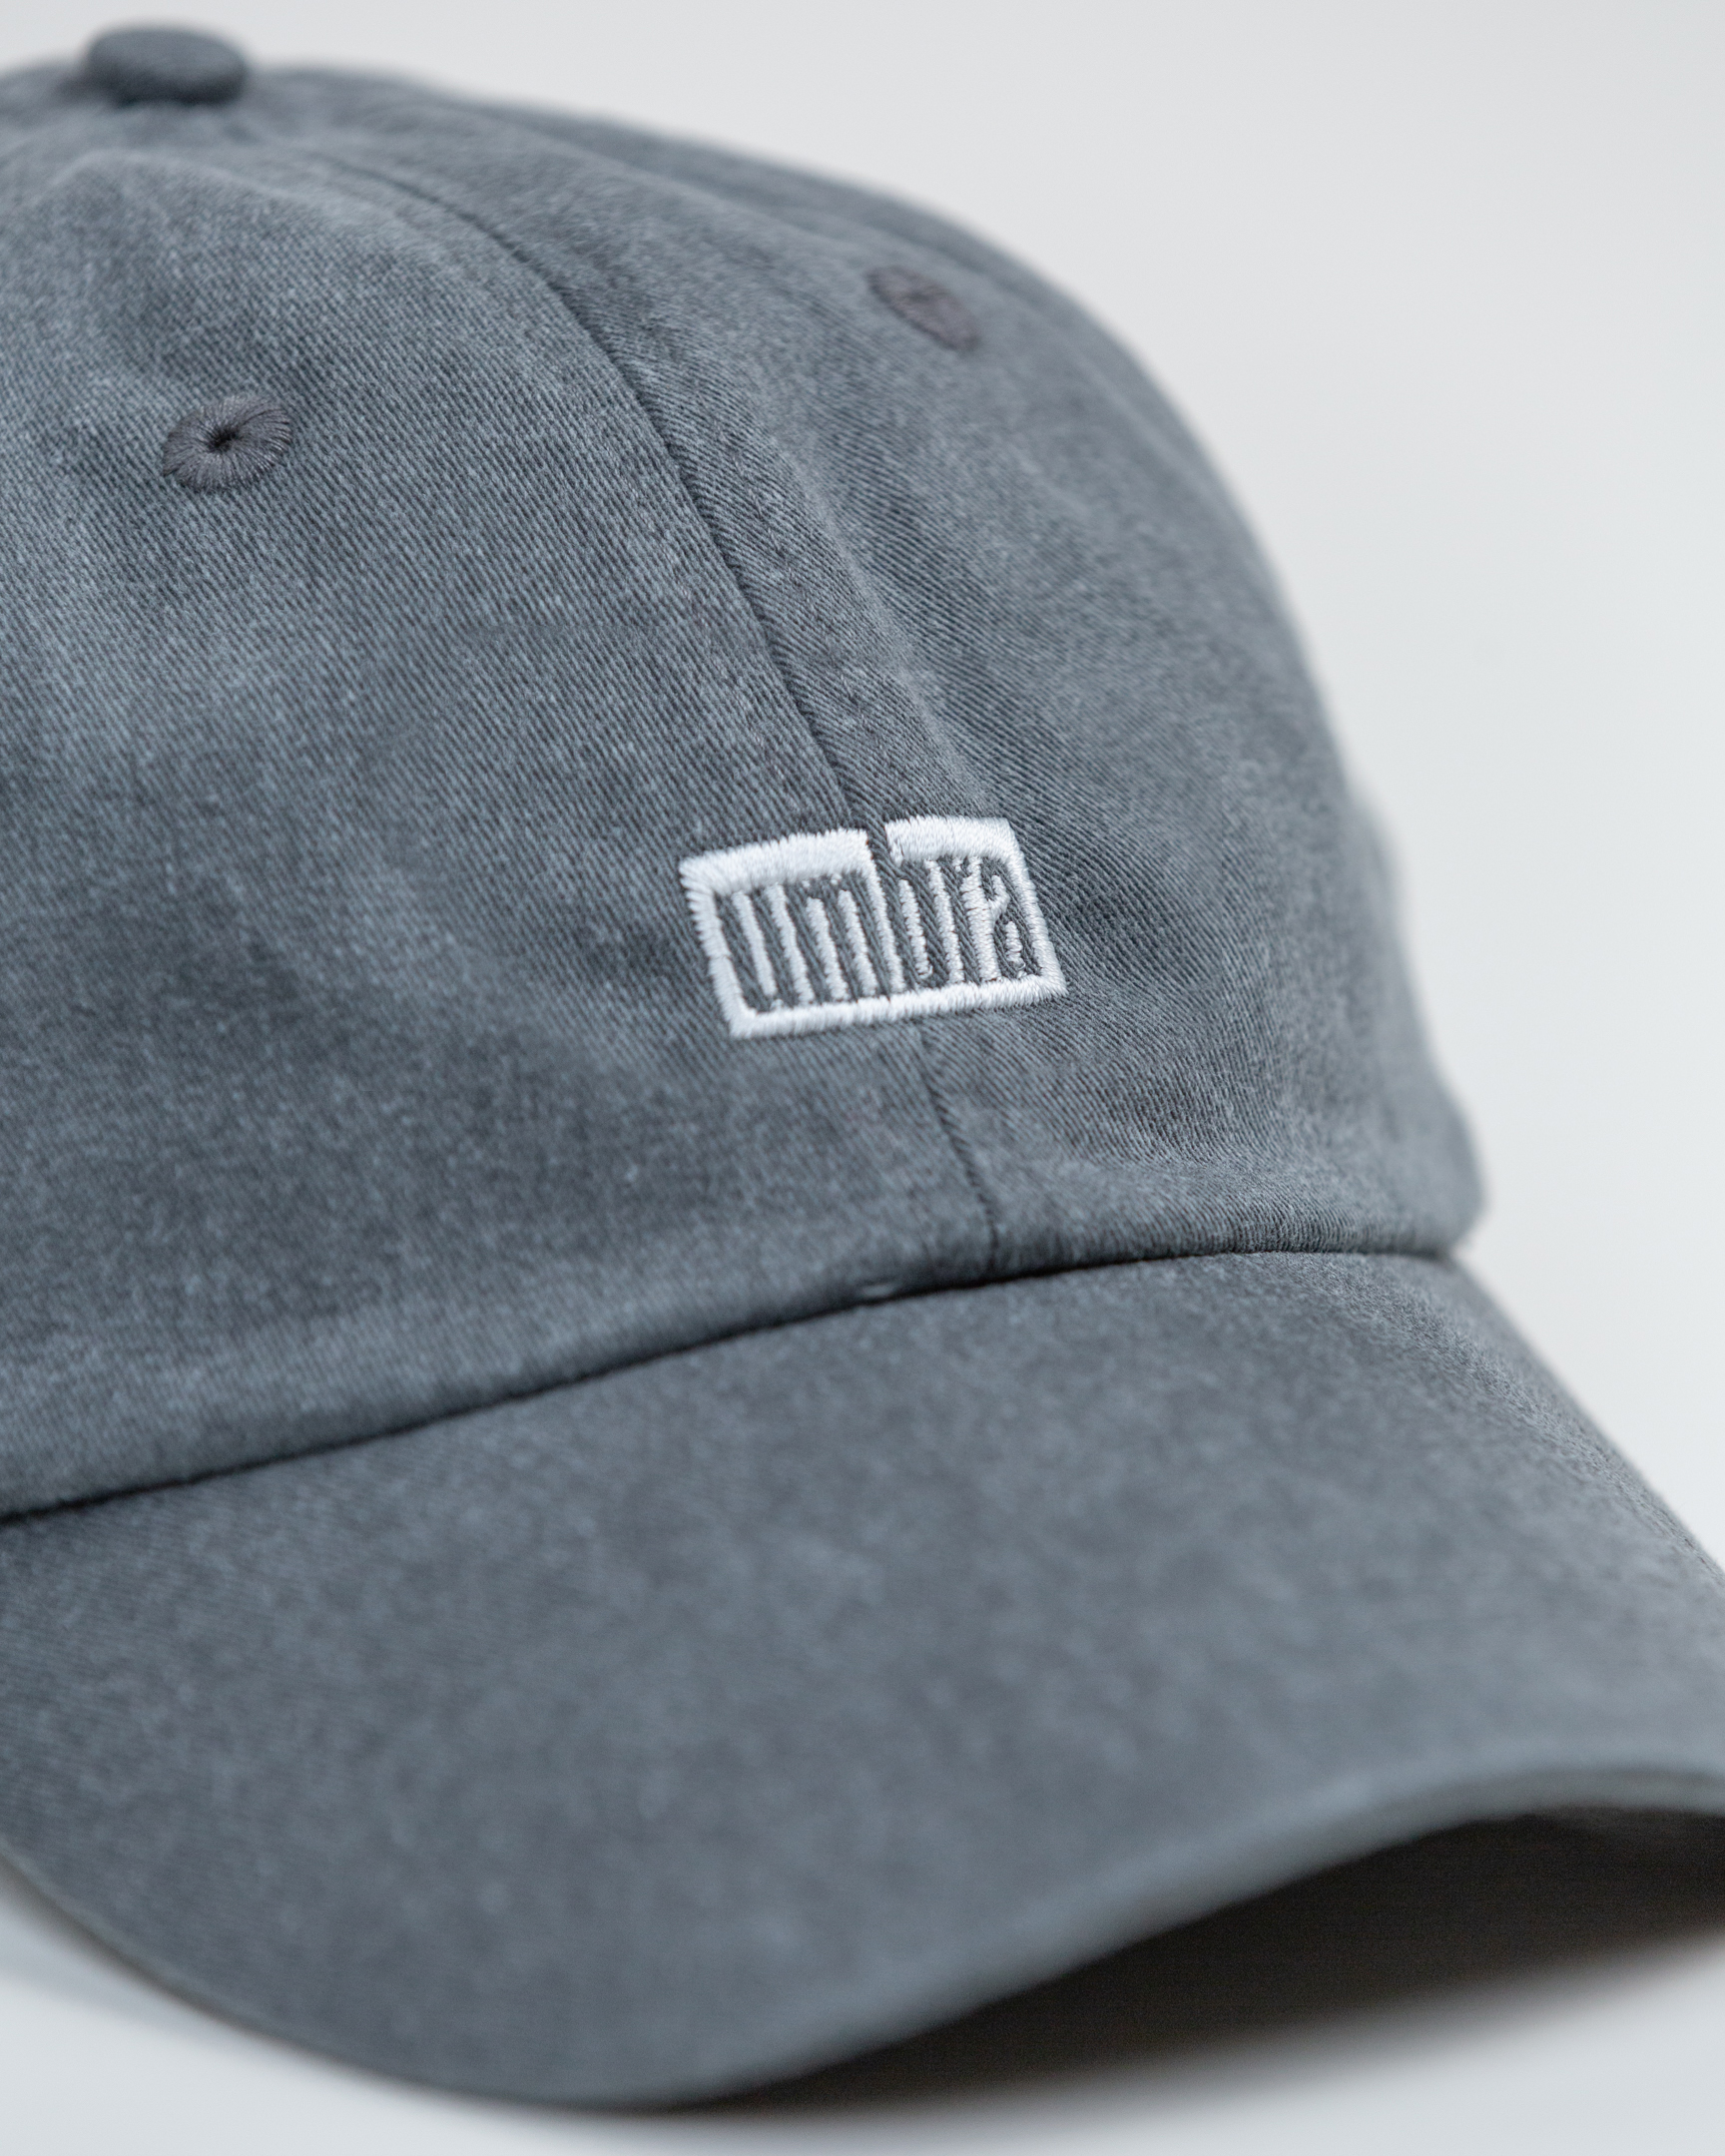 The Umbra Signature Hat